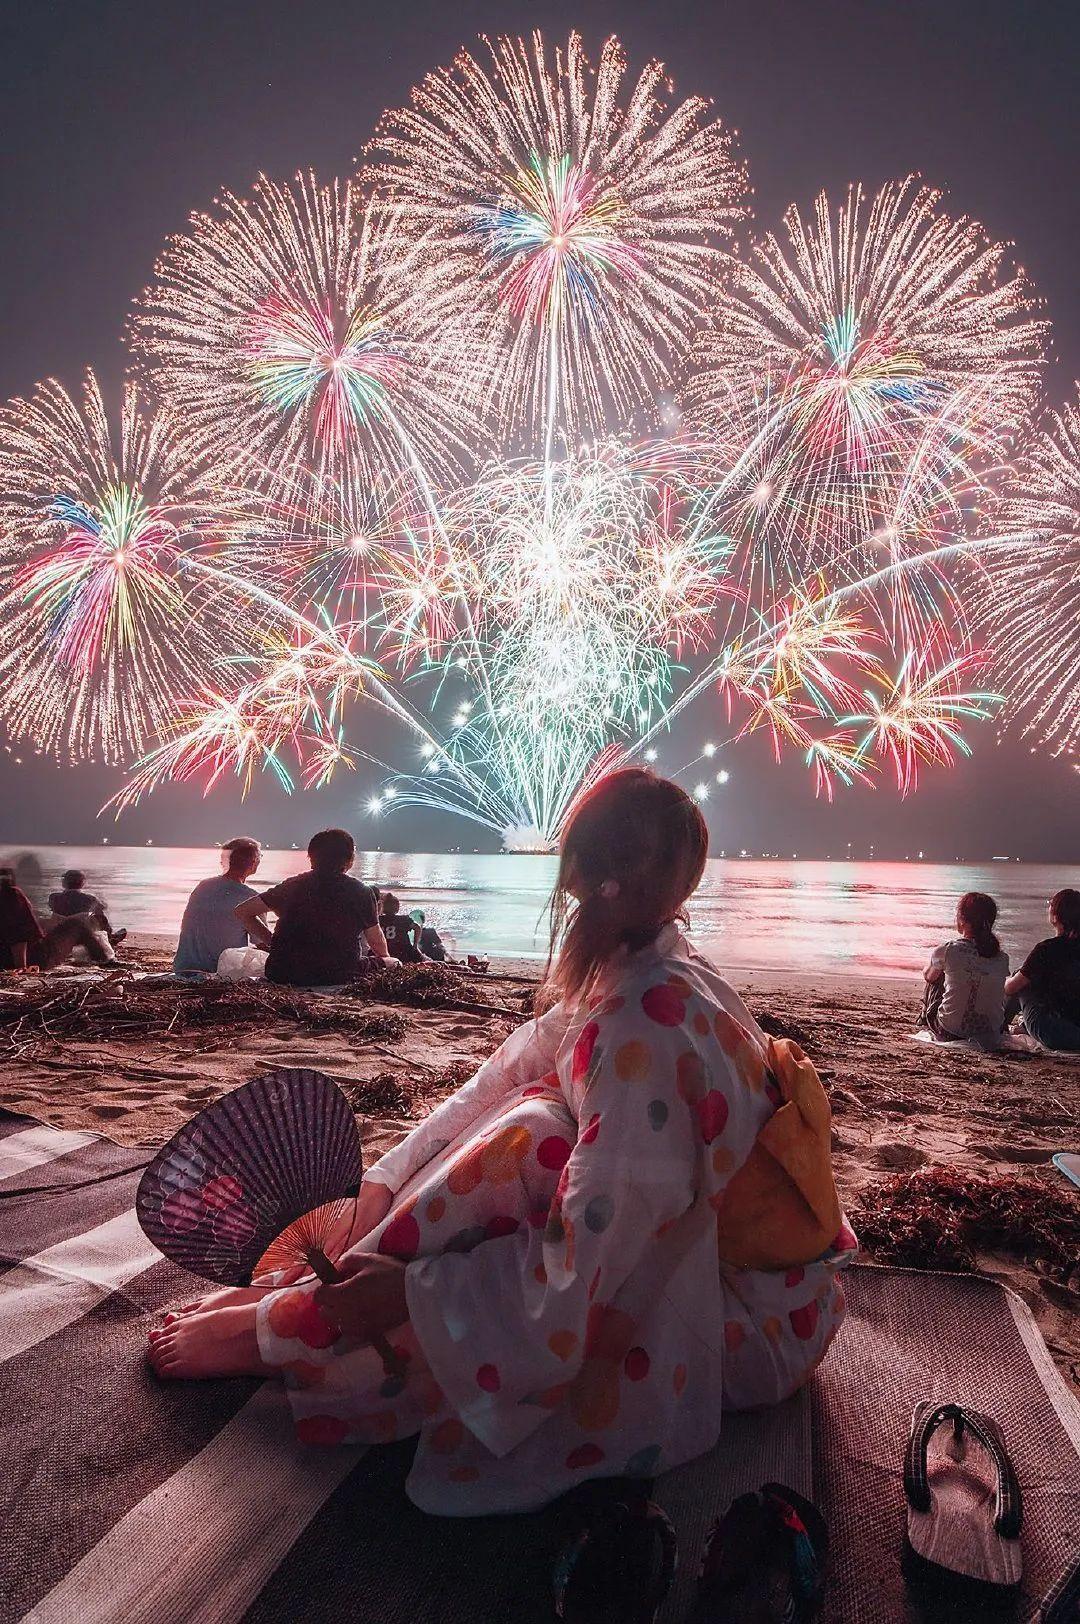 2020日本三重县的花火大会,星光灿烂,令人惊奇!_图片 No.5